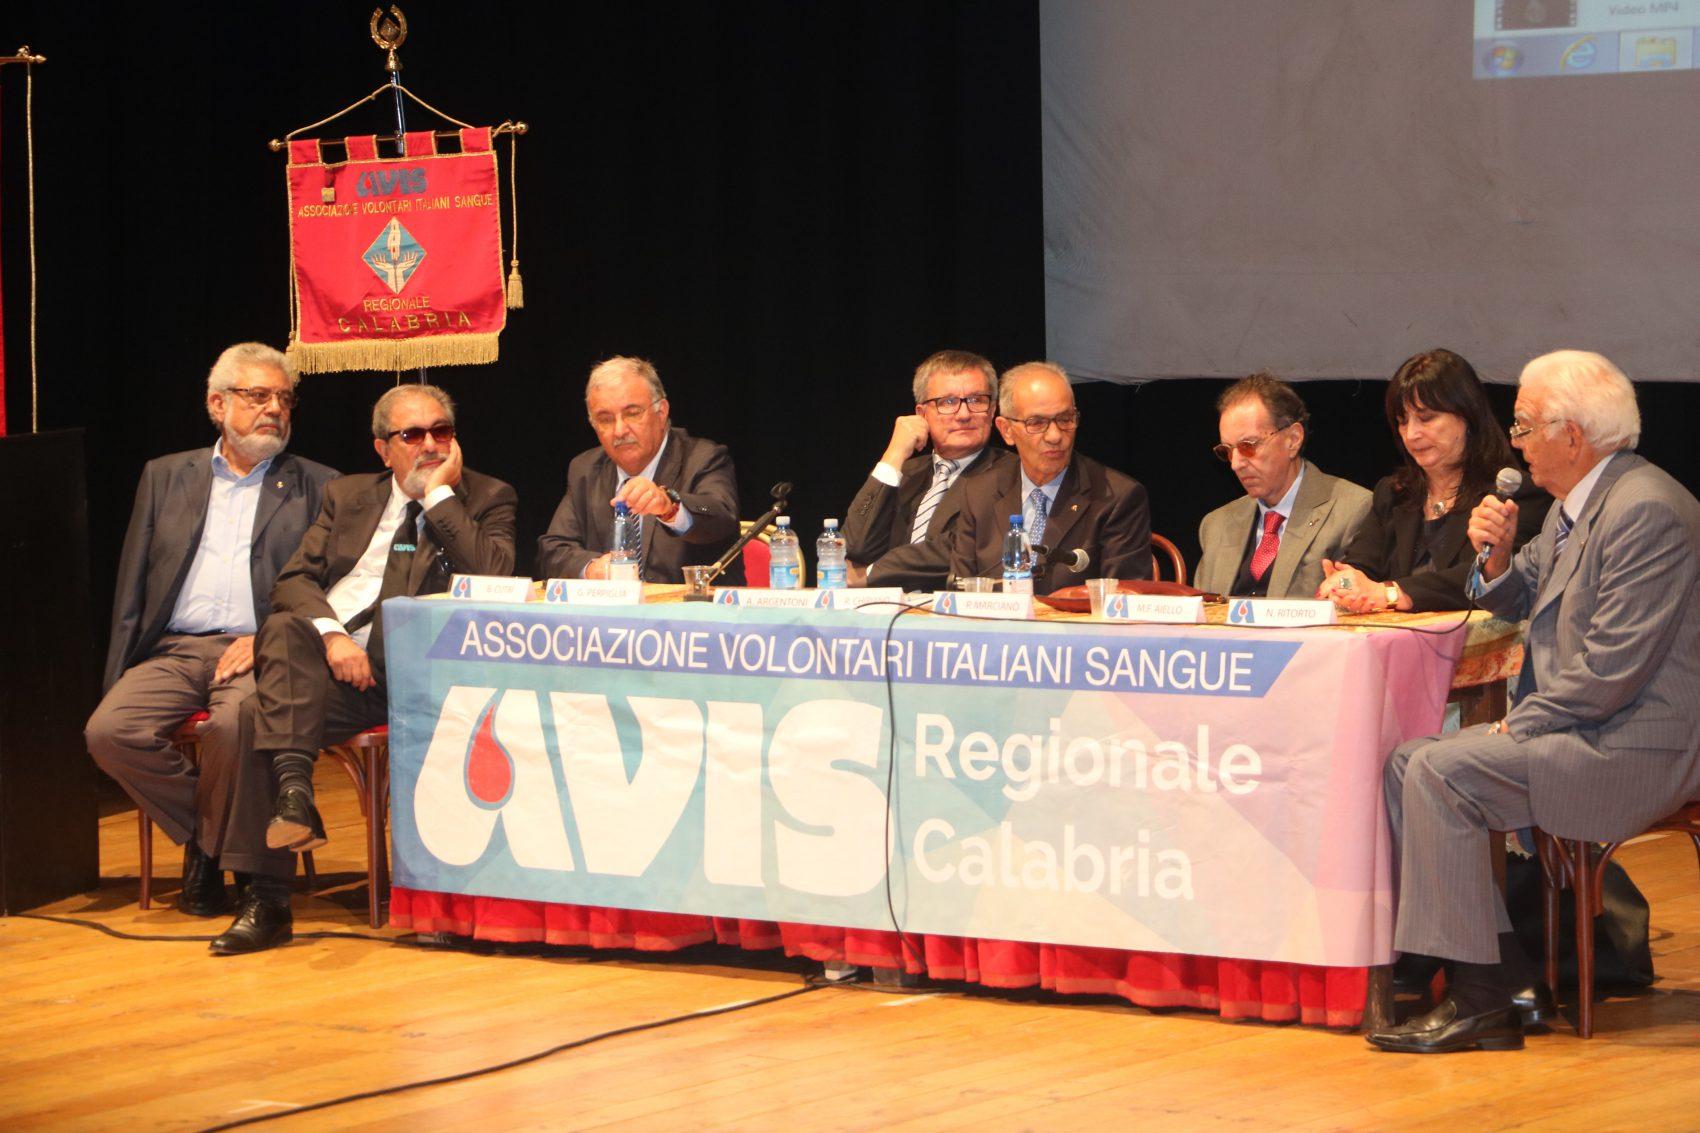 50 anni di Avis Regionale Calabria: a Lamezia Terme i festeggiamenti…